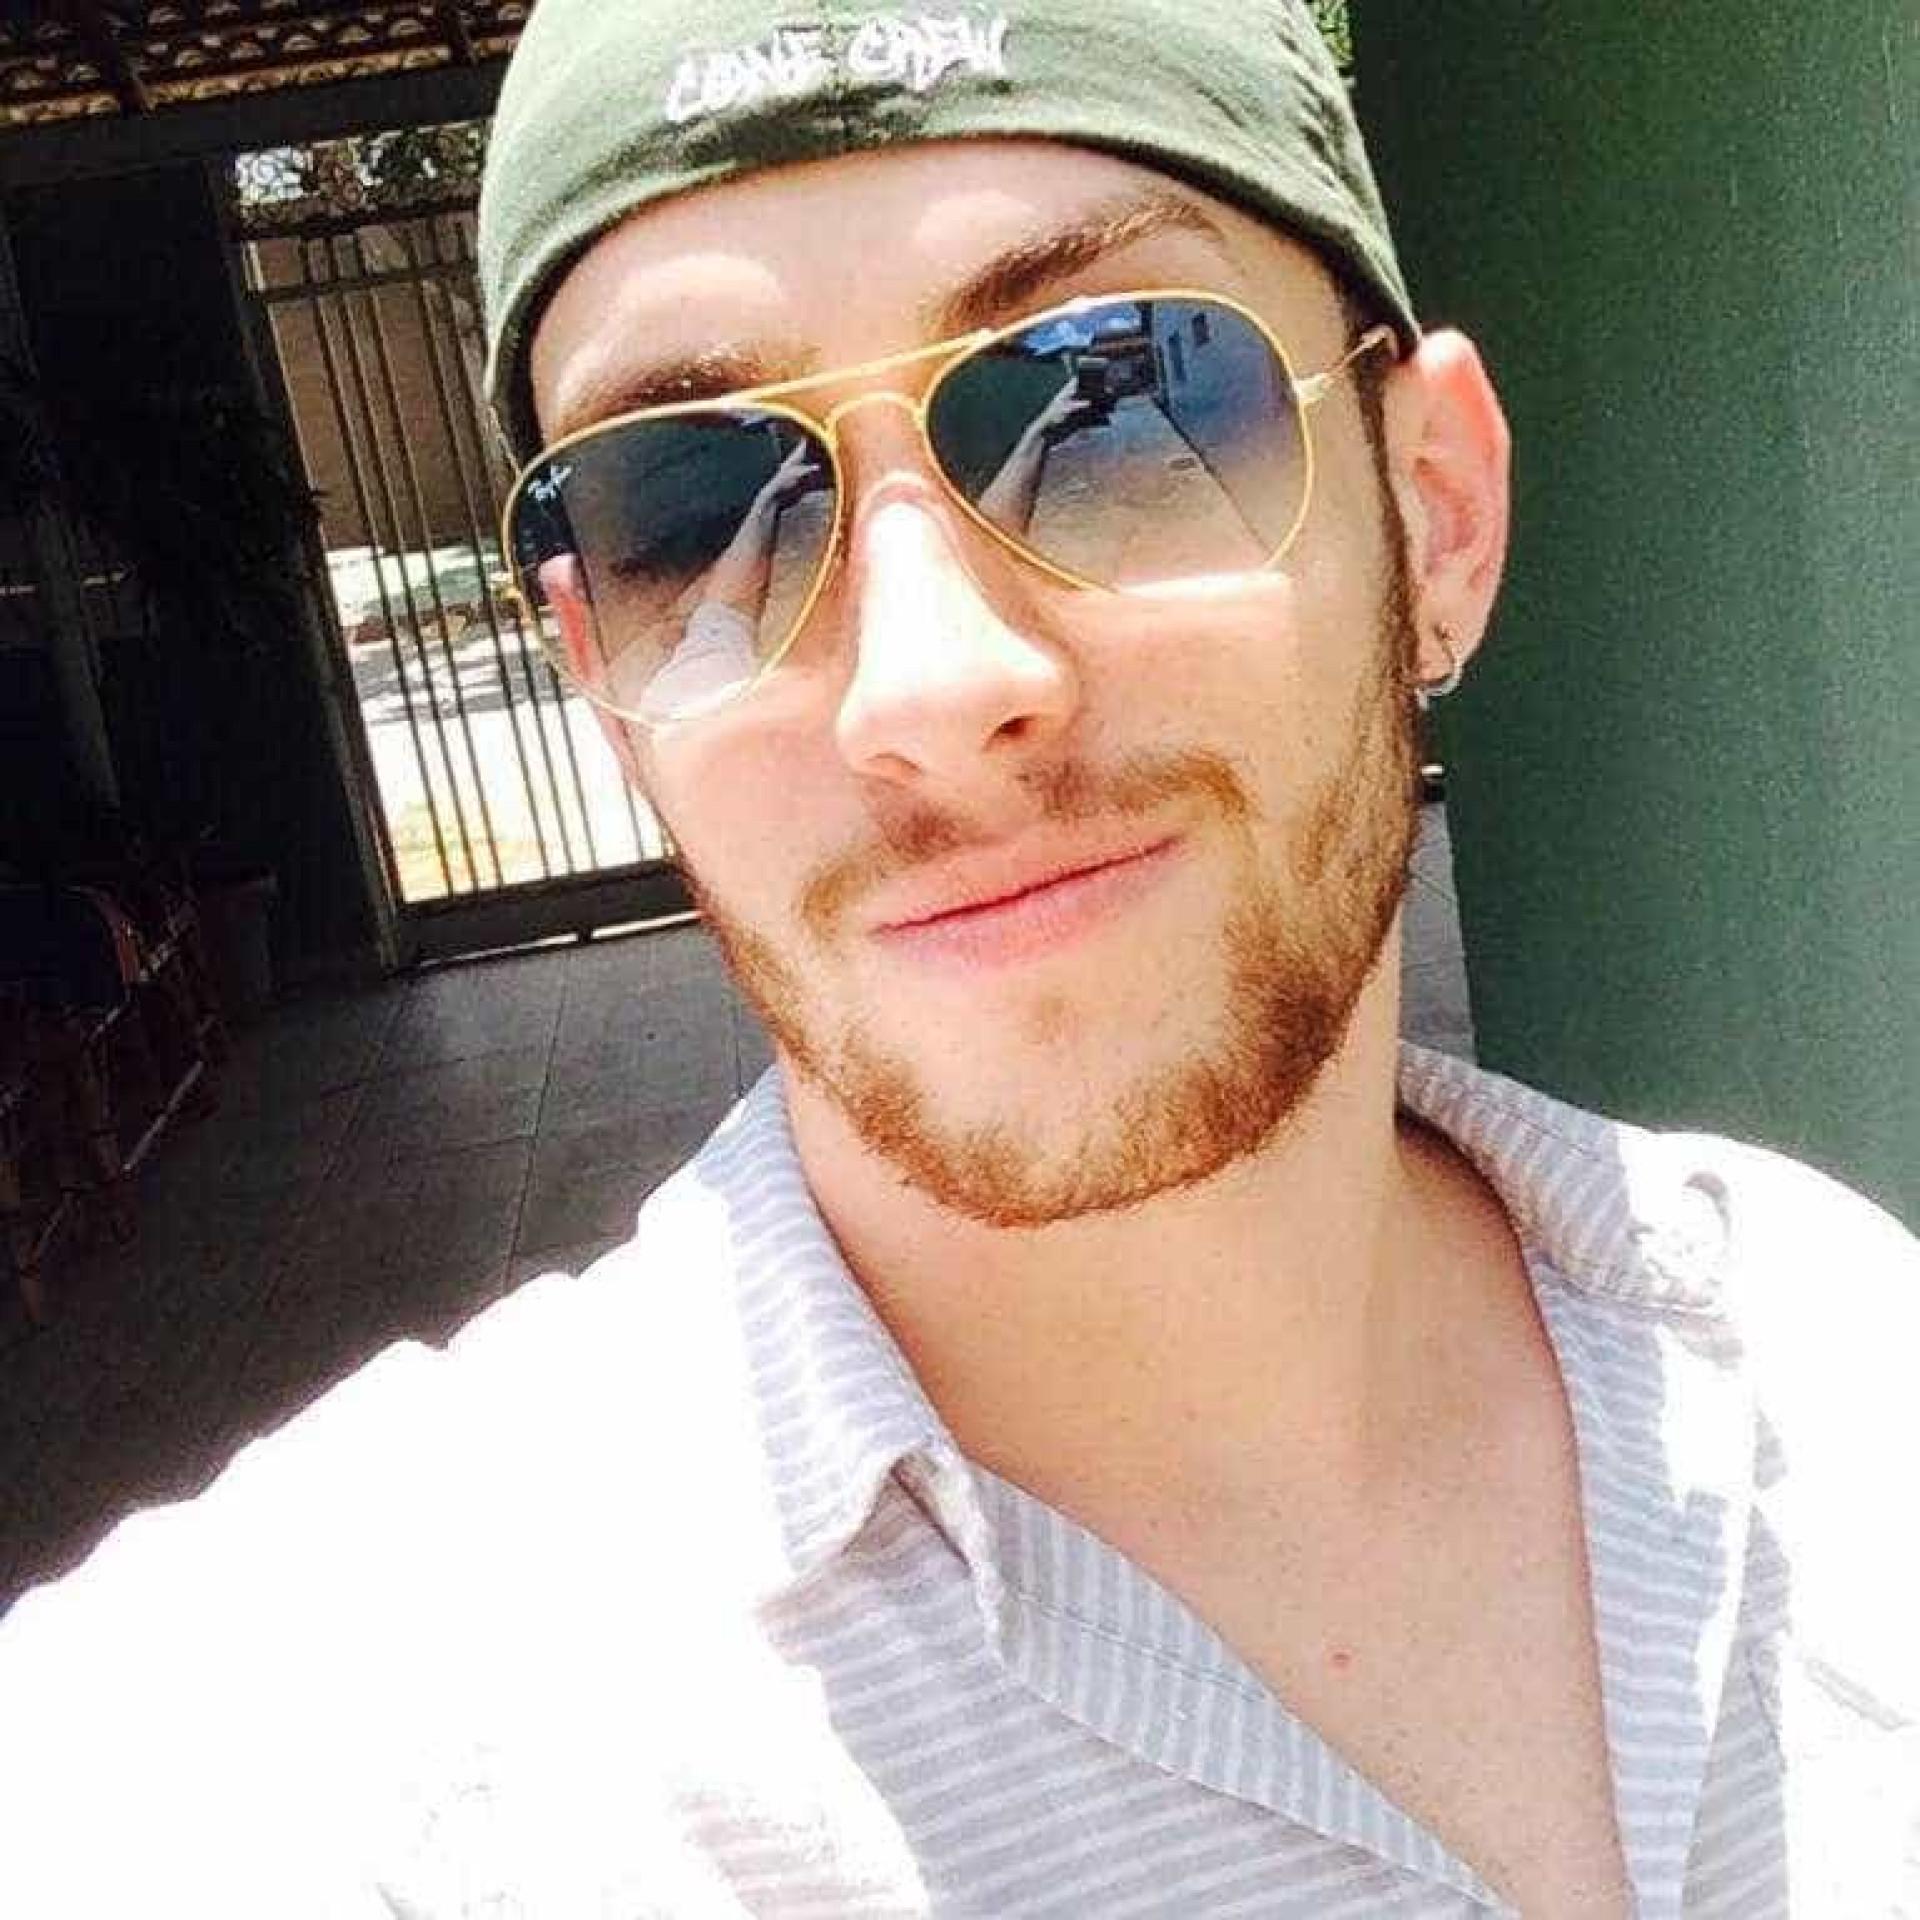 Suspeito invade casa, mata cabeleireiro e mãe presencia crime em Goiás